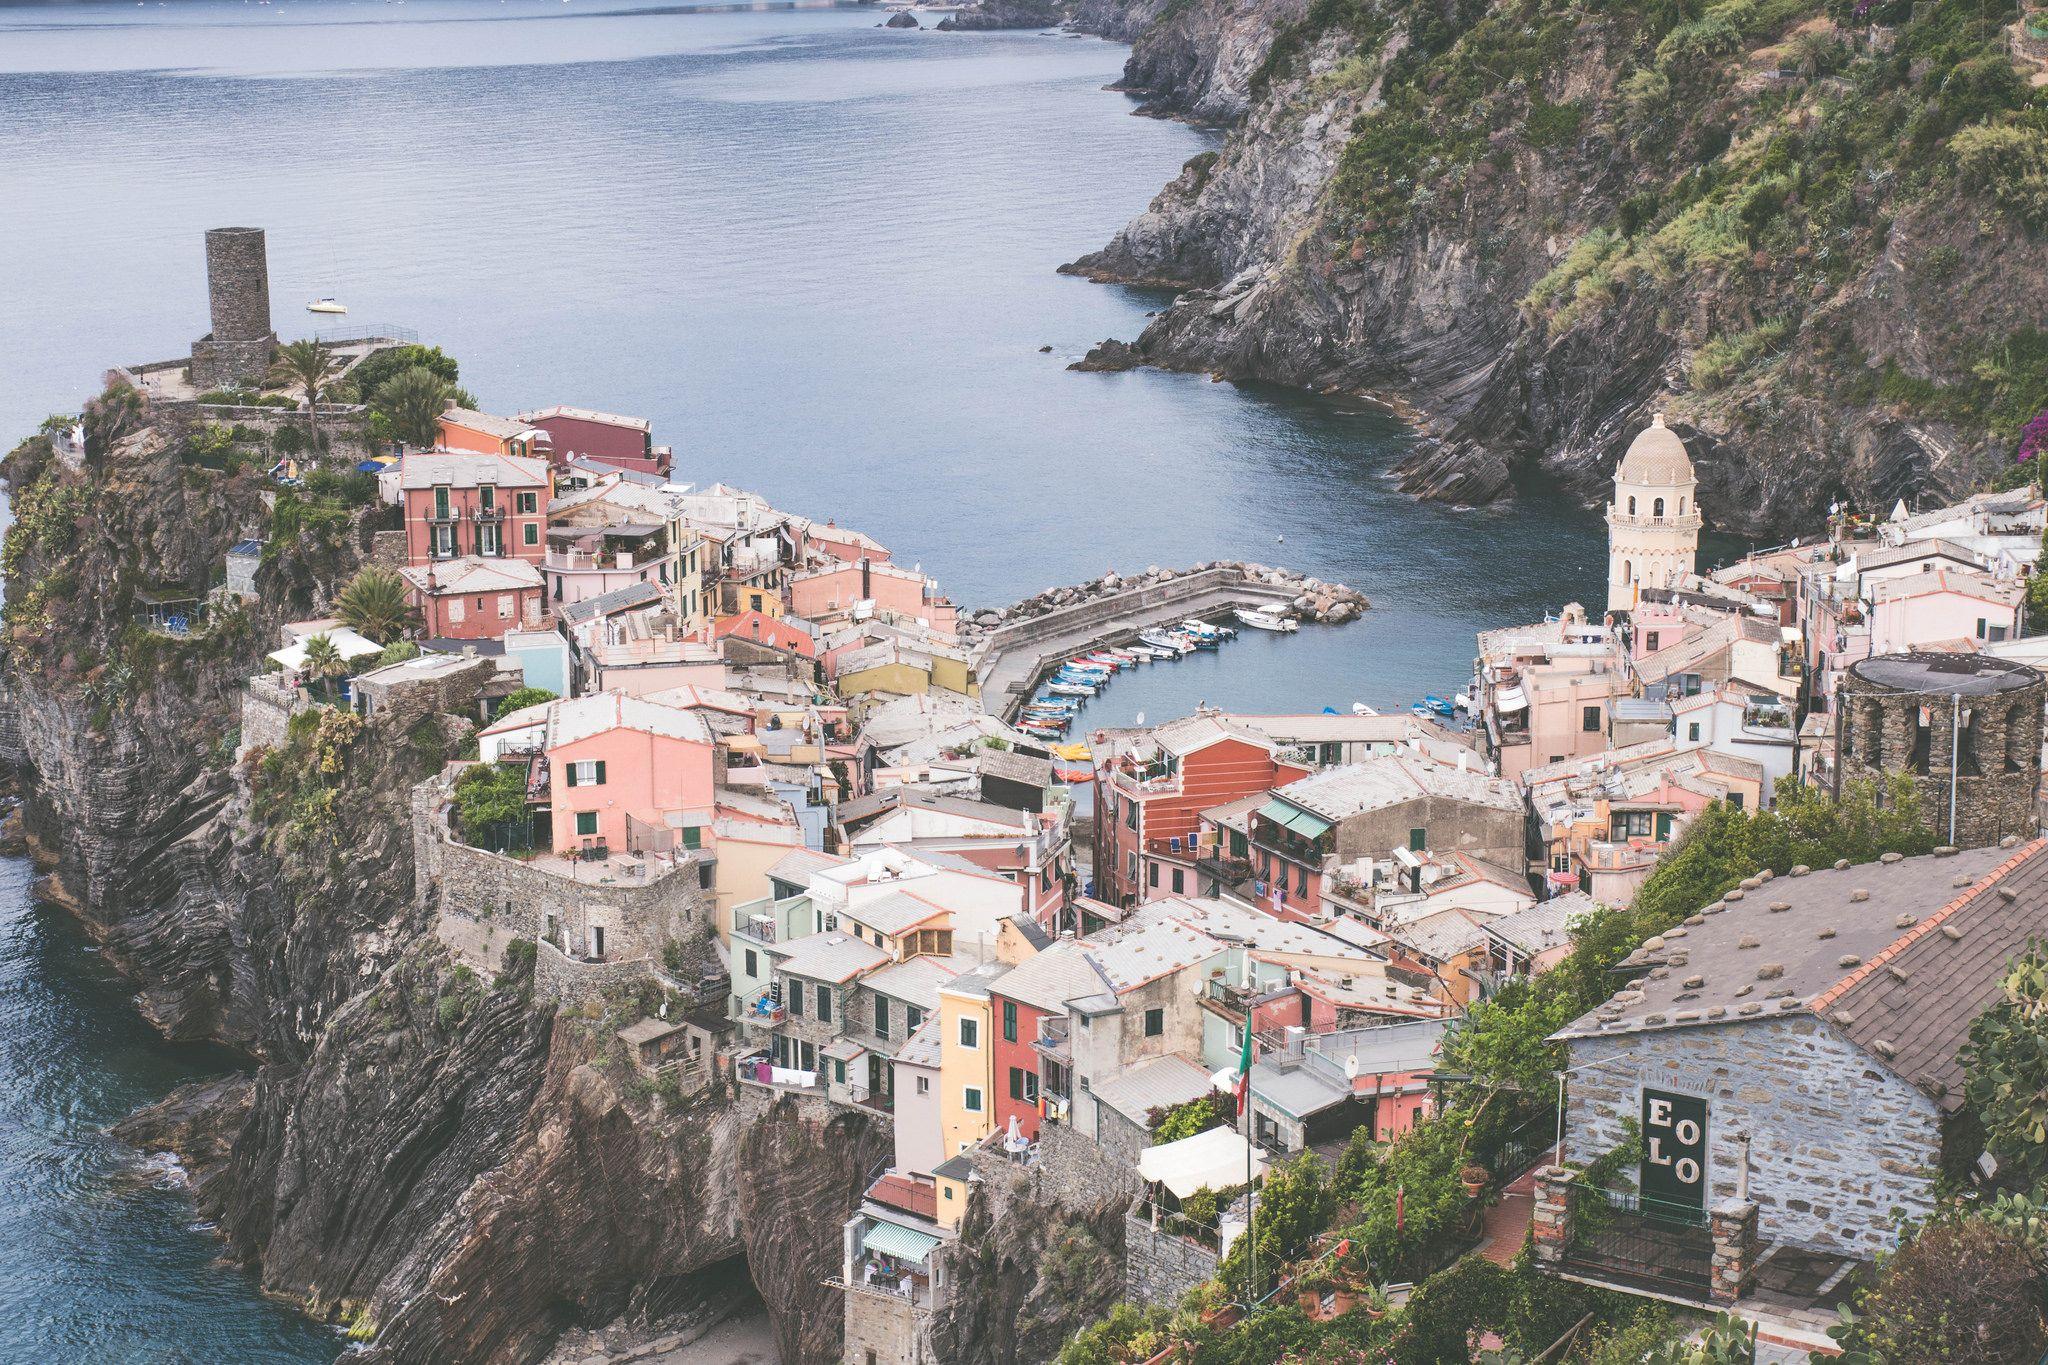 Visite du village de Vernazza, Cinque Terre.Bella Vernazza ! Une matinée qui arrête le temps. Découvrez les lieux et conseils pour bien profiter du village.